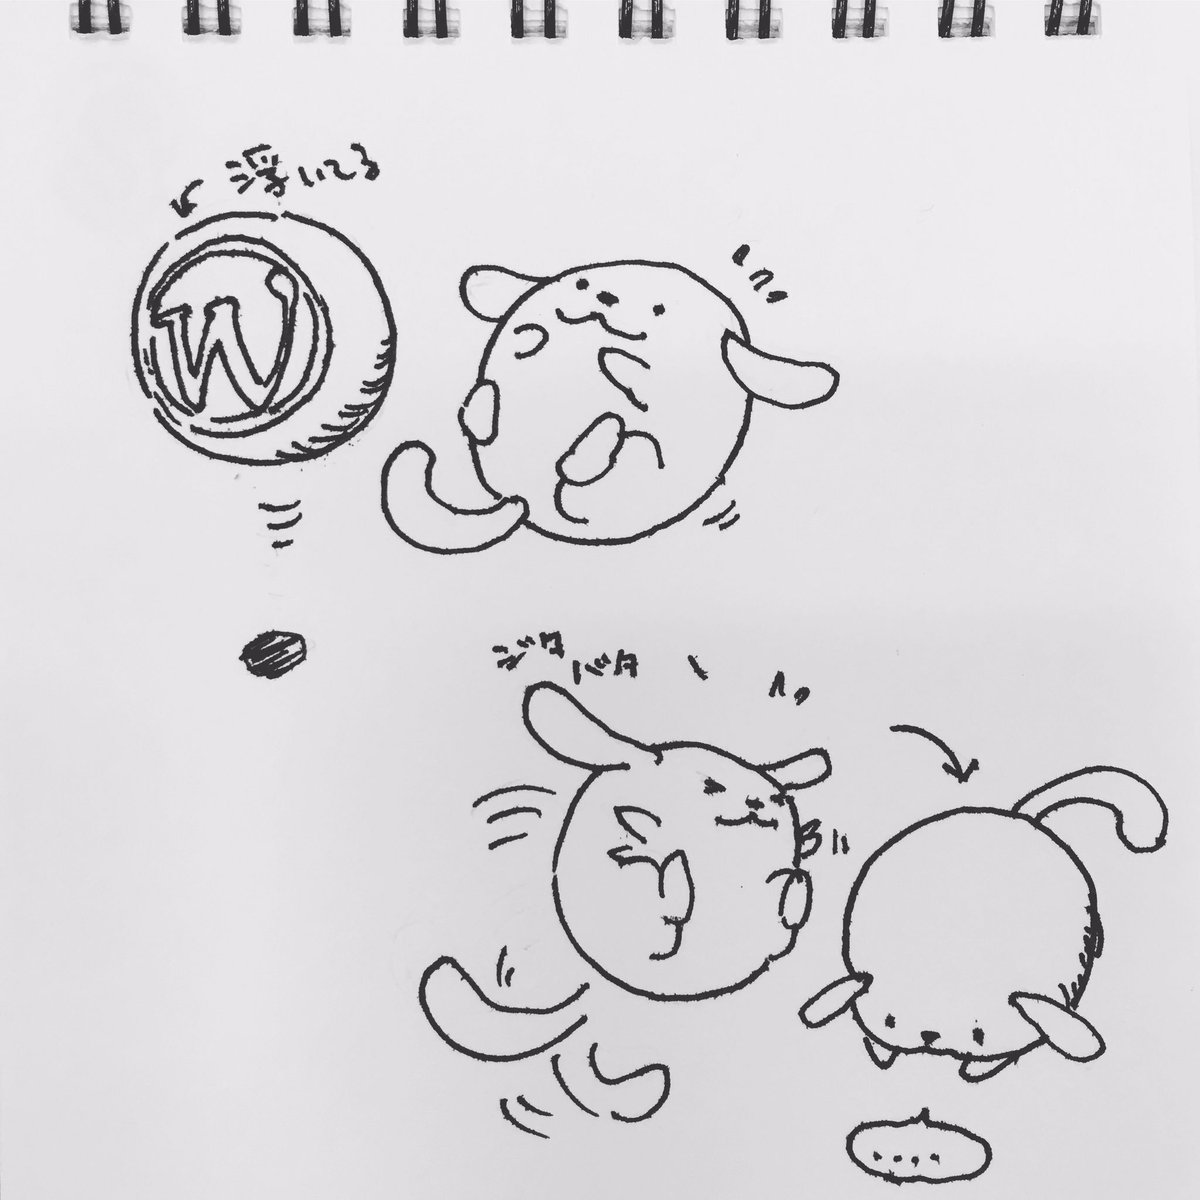 わぷー と球体との関係図 #wctokyo #wapuu https://t.co/KGo6UVJ3zl